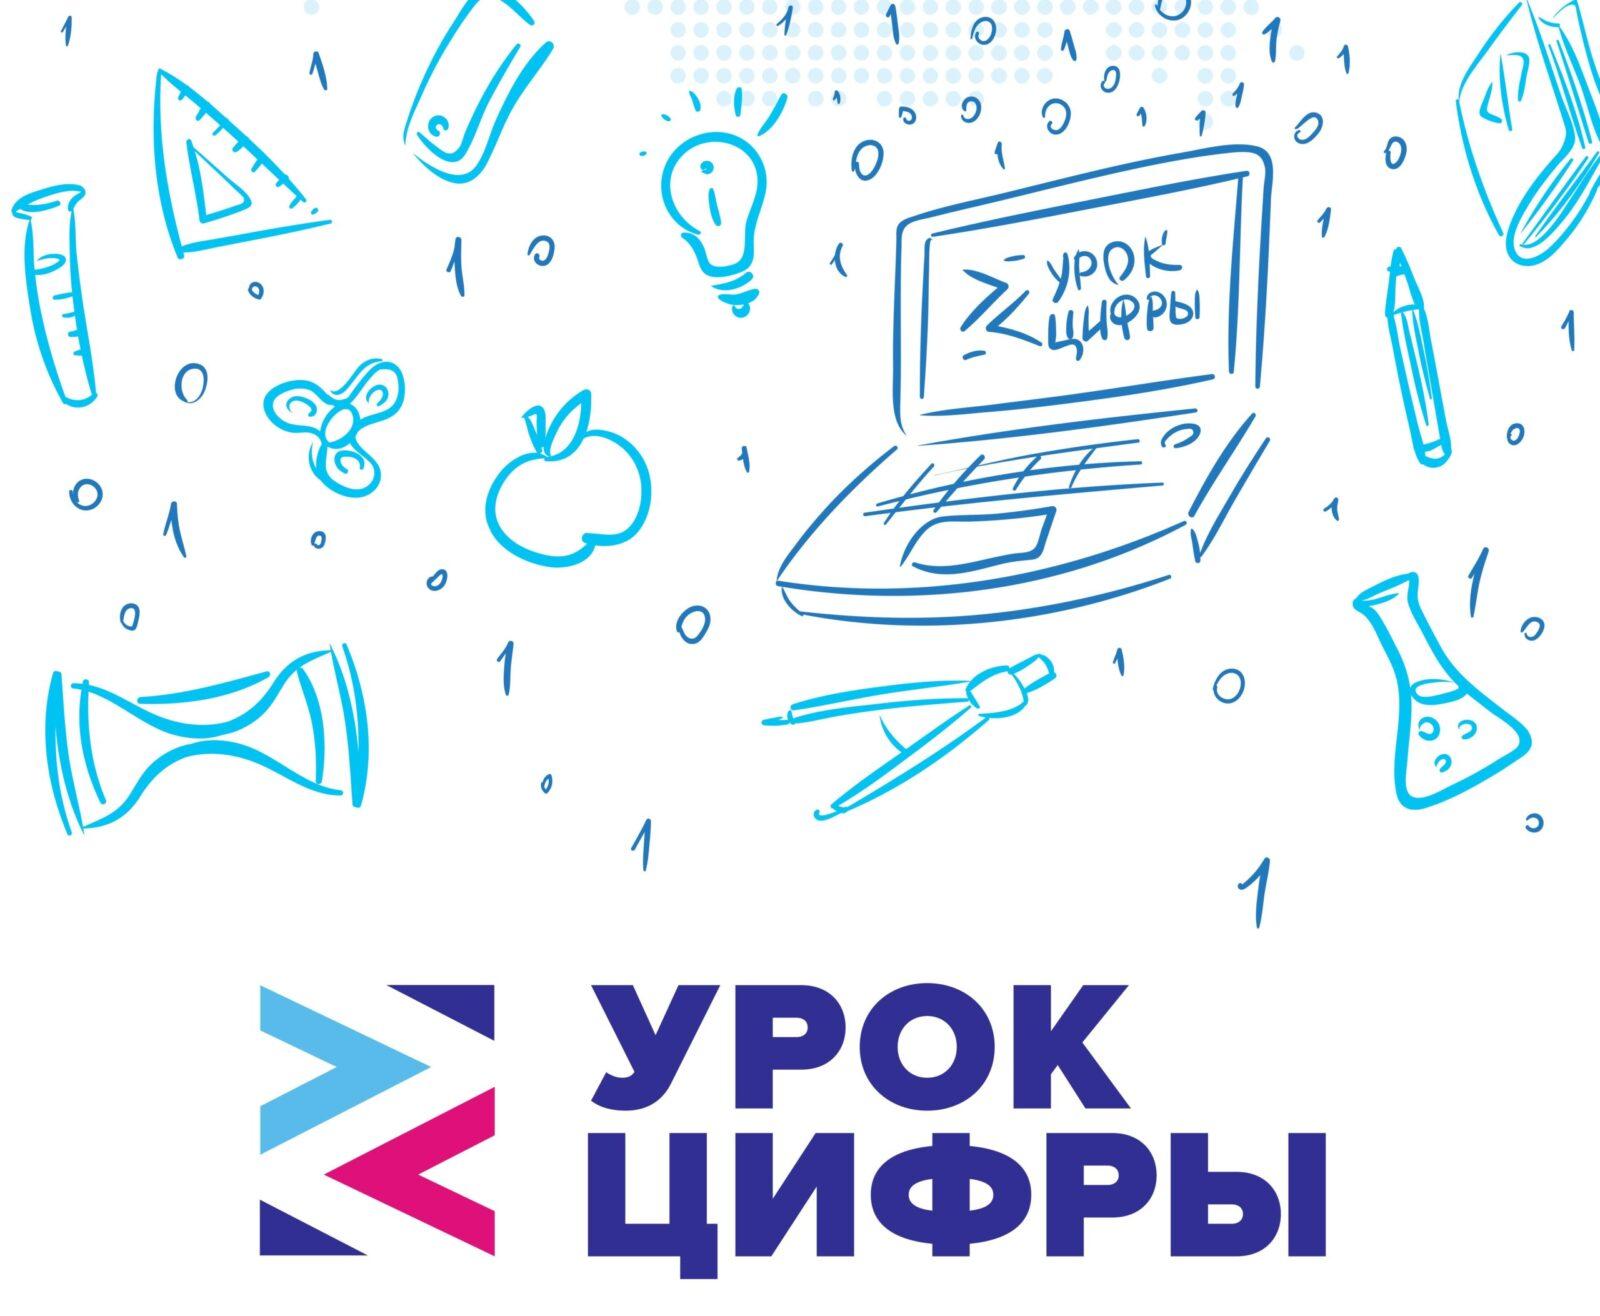 Необычные уроки информатики пройдут в школах Тверской области